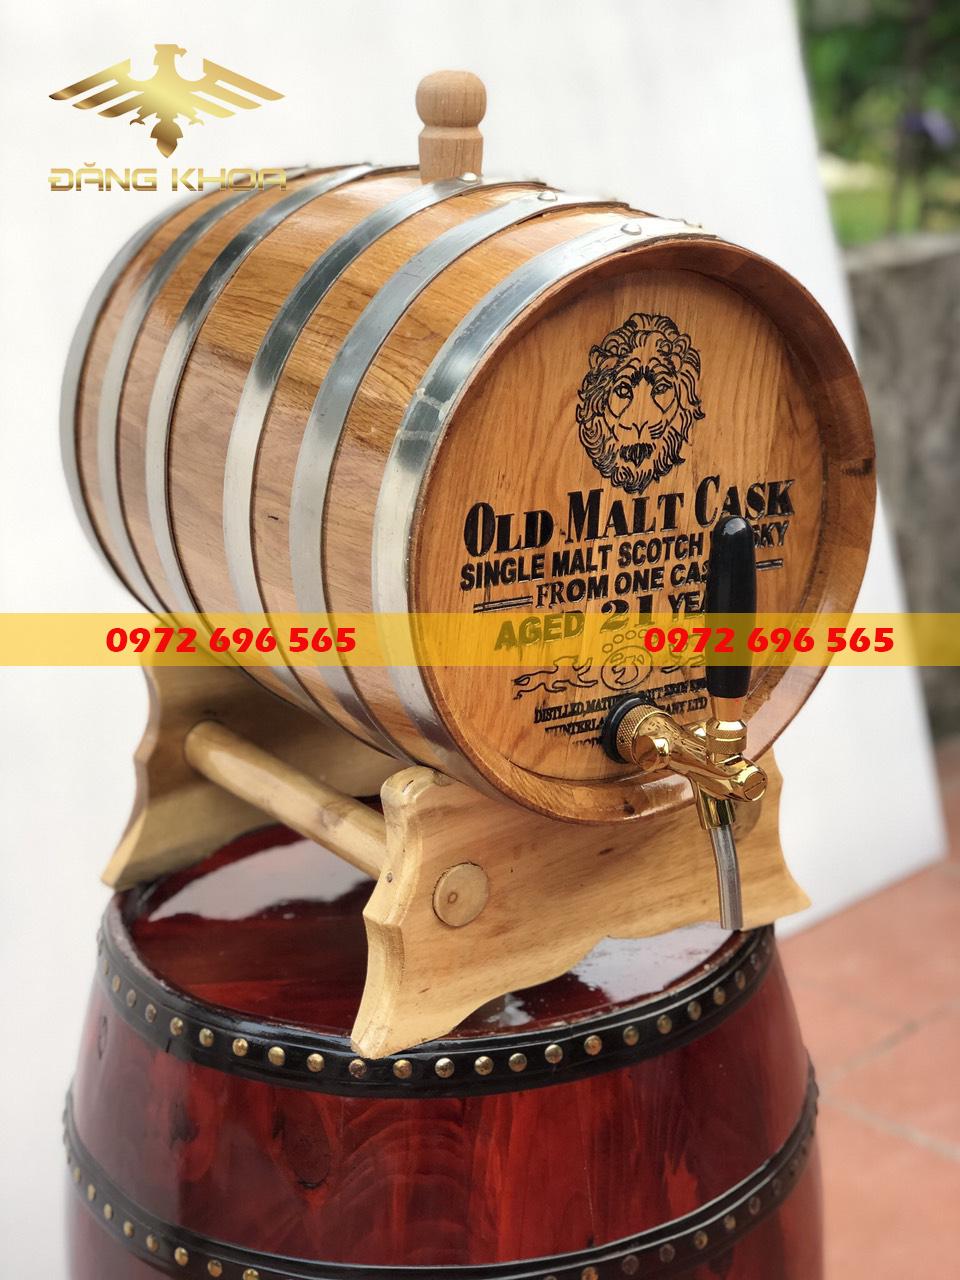 Giá của thùng gỗ ngâm rượu khá hợp lý trên thị trường